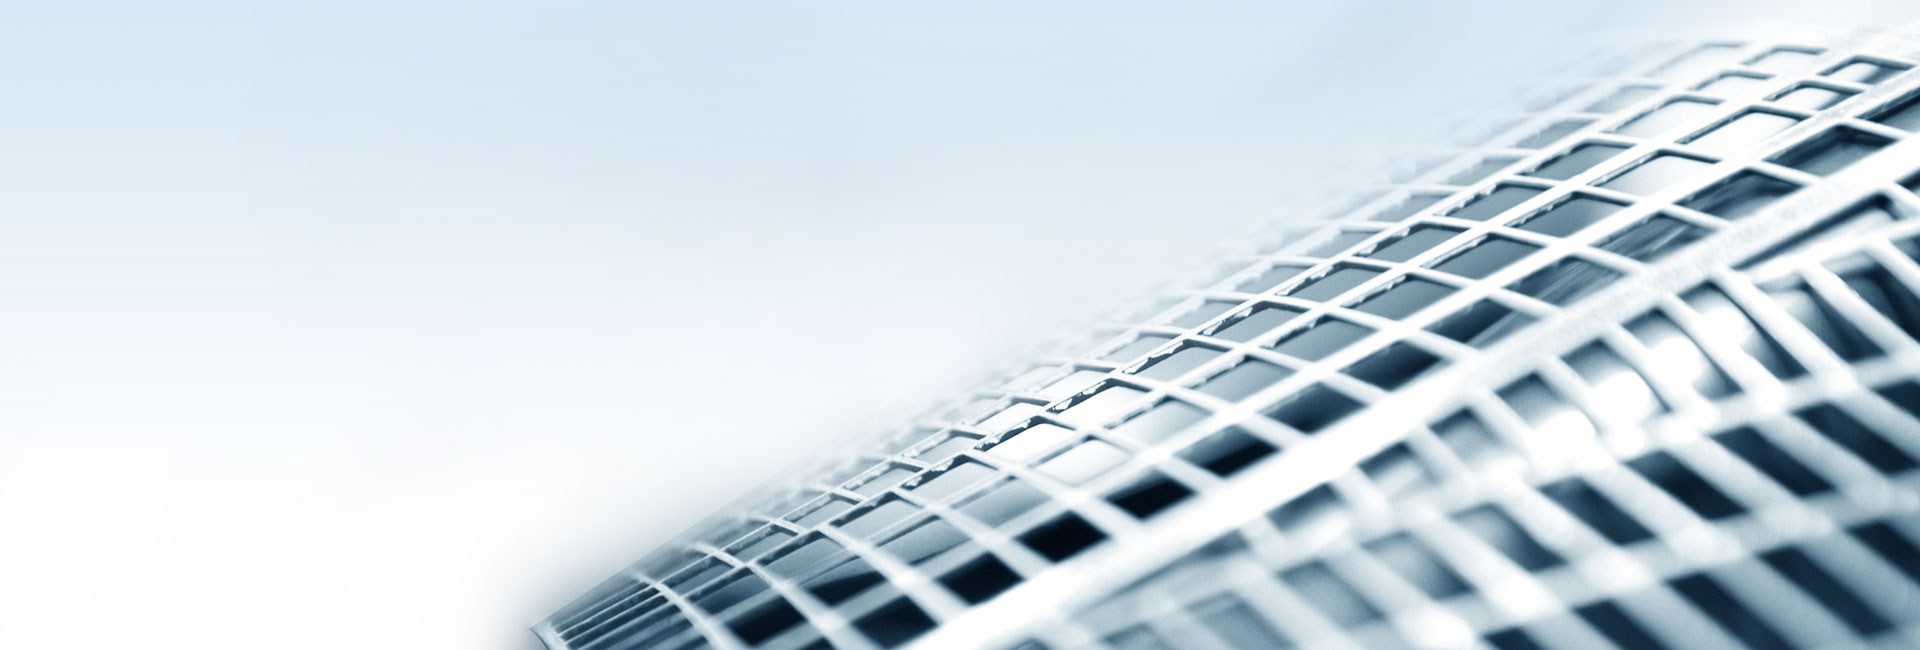 La tecnología en rejilla positiva PowerFrame es consistente e innovadora.